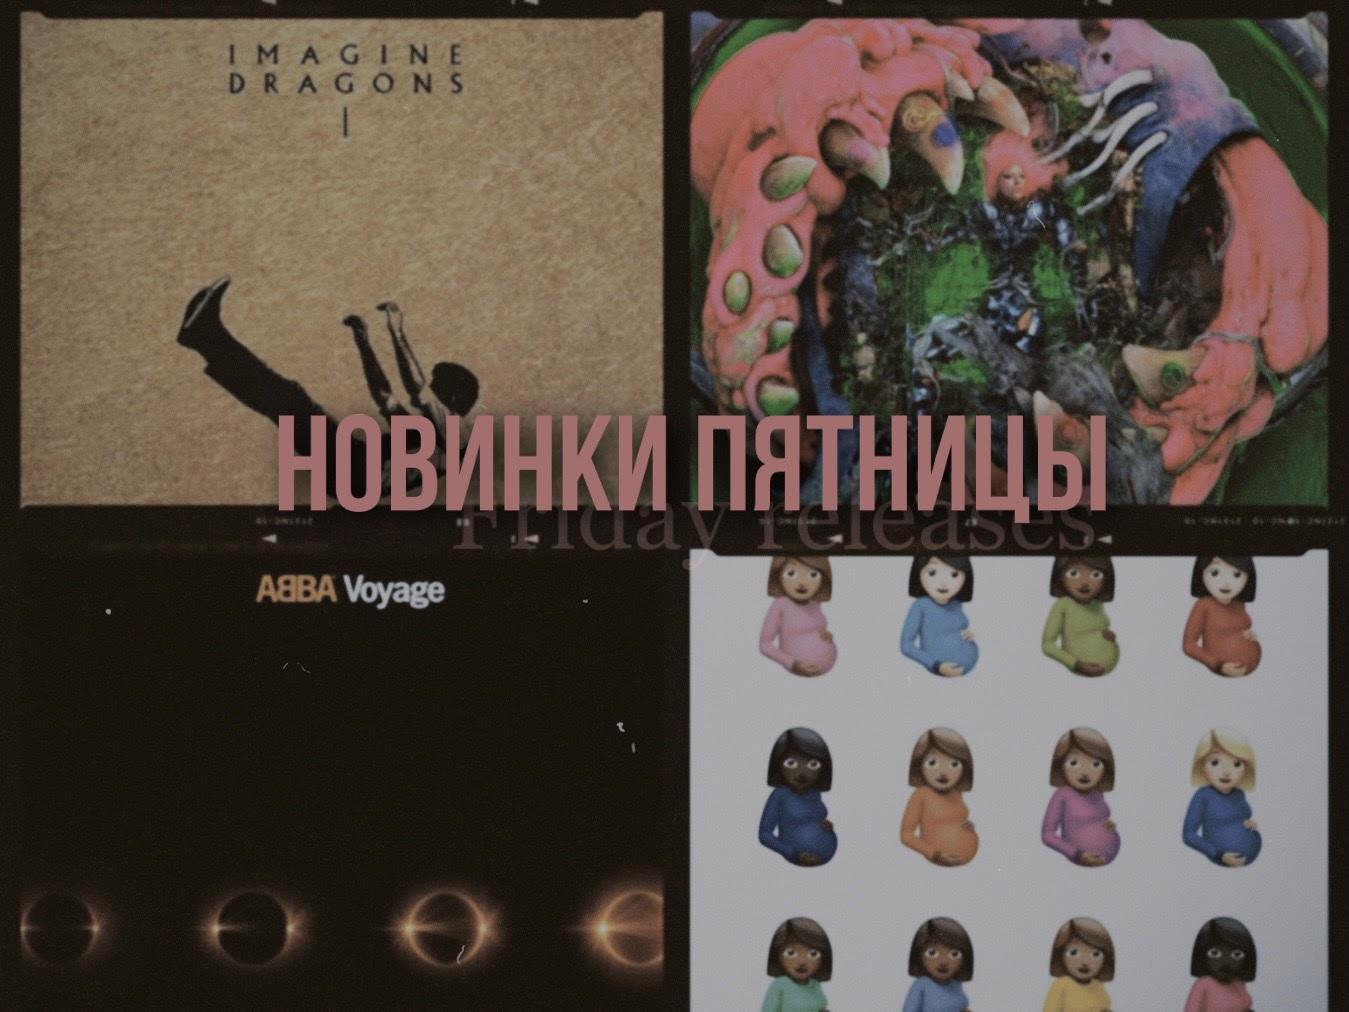 От Imagine Dragons до ABBA: музыкальные премьеры этой недели